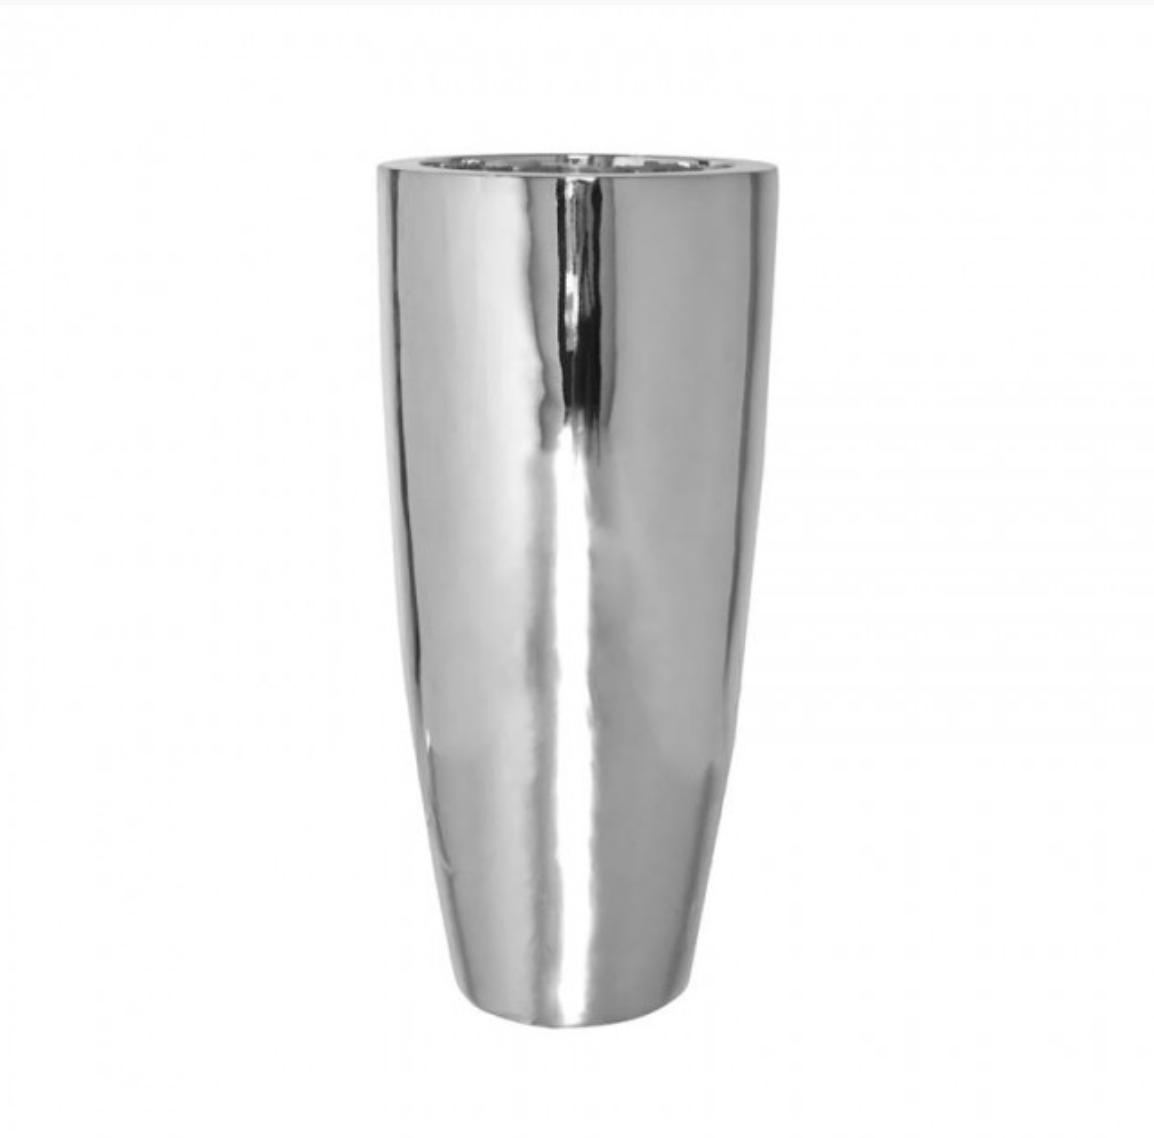 Silver vase Jaipur - H100 cm